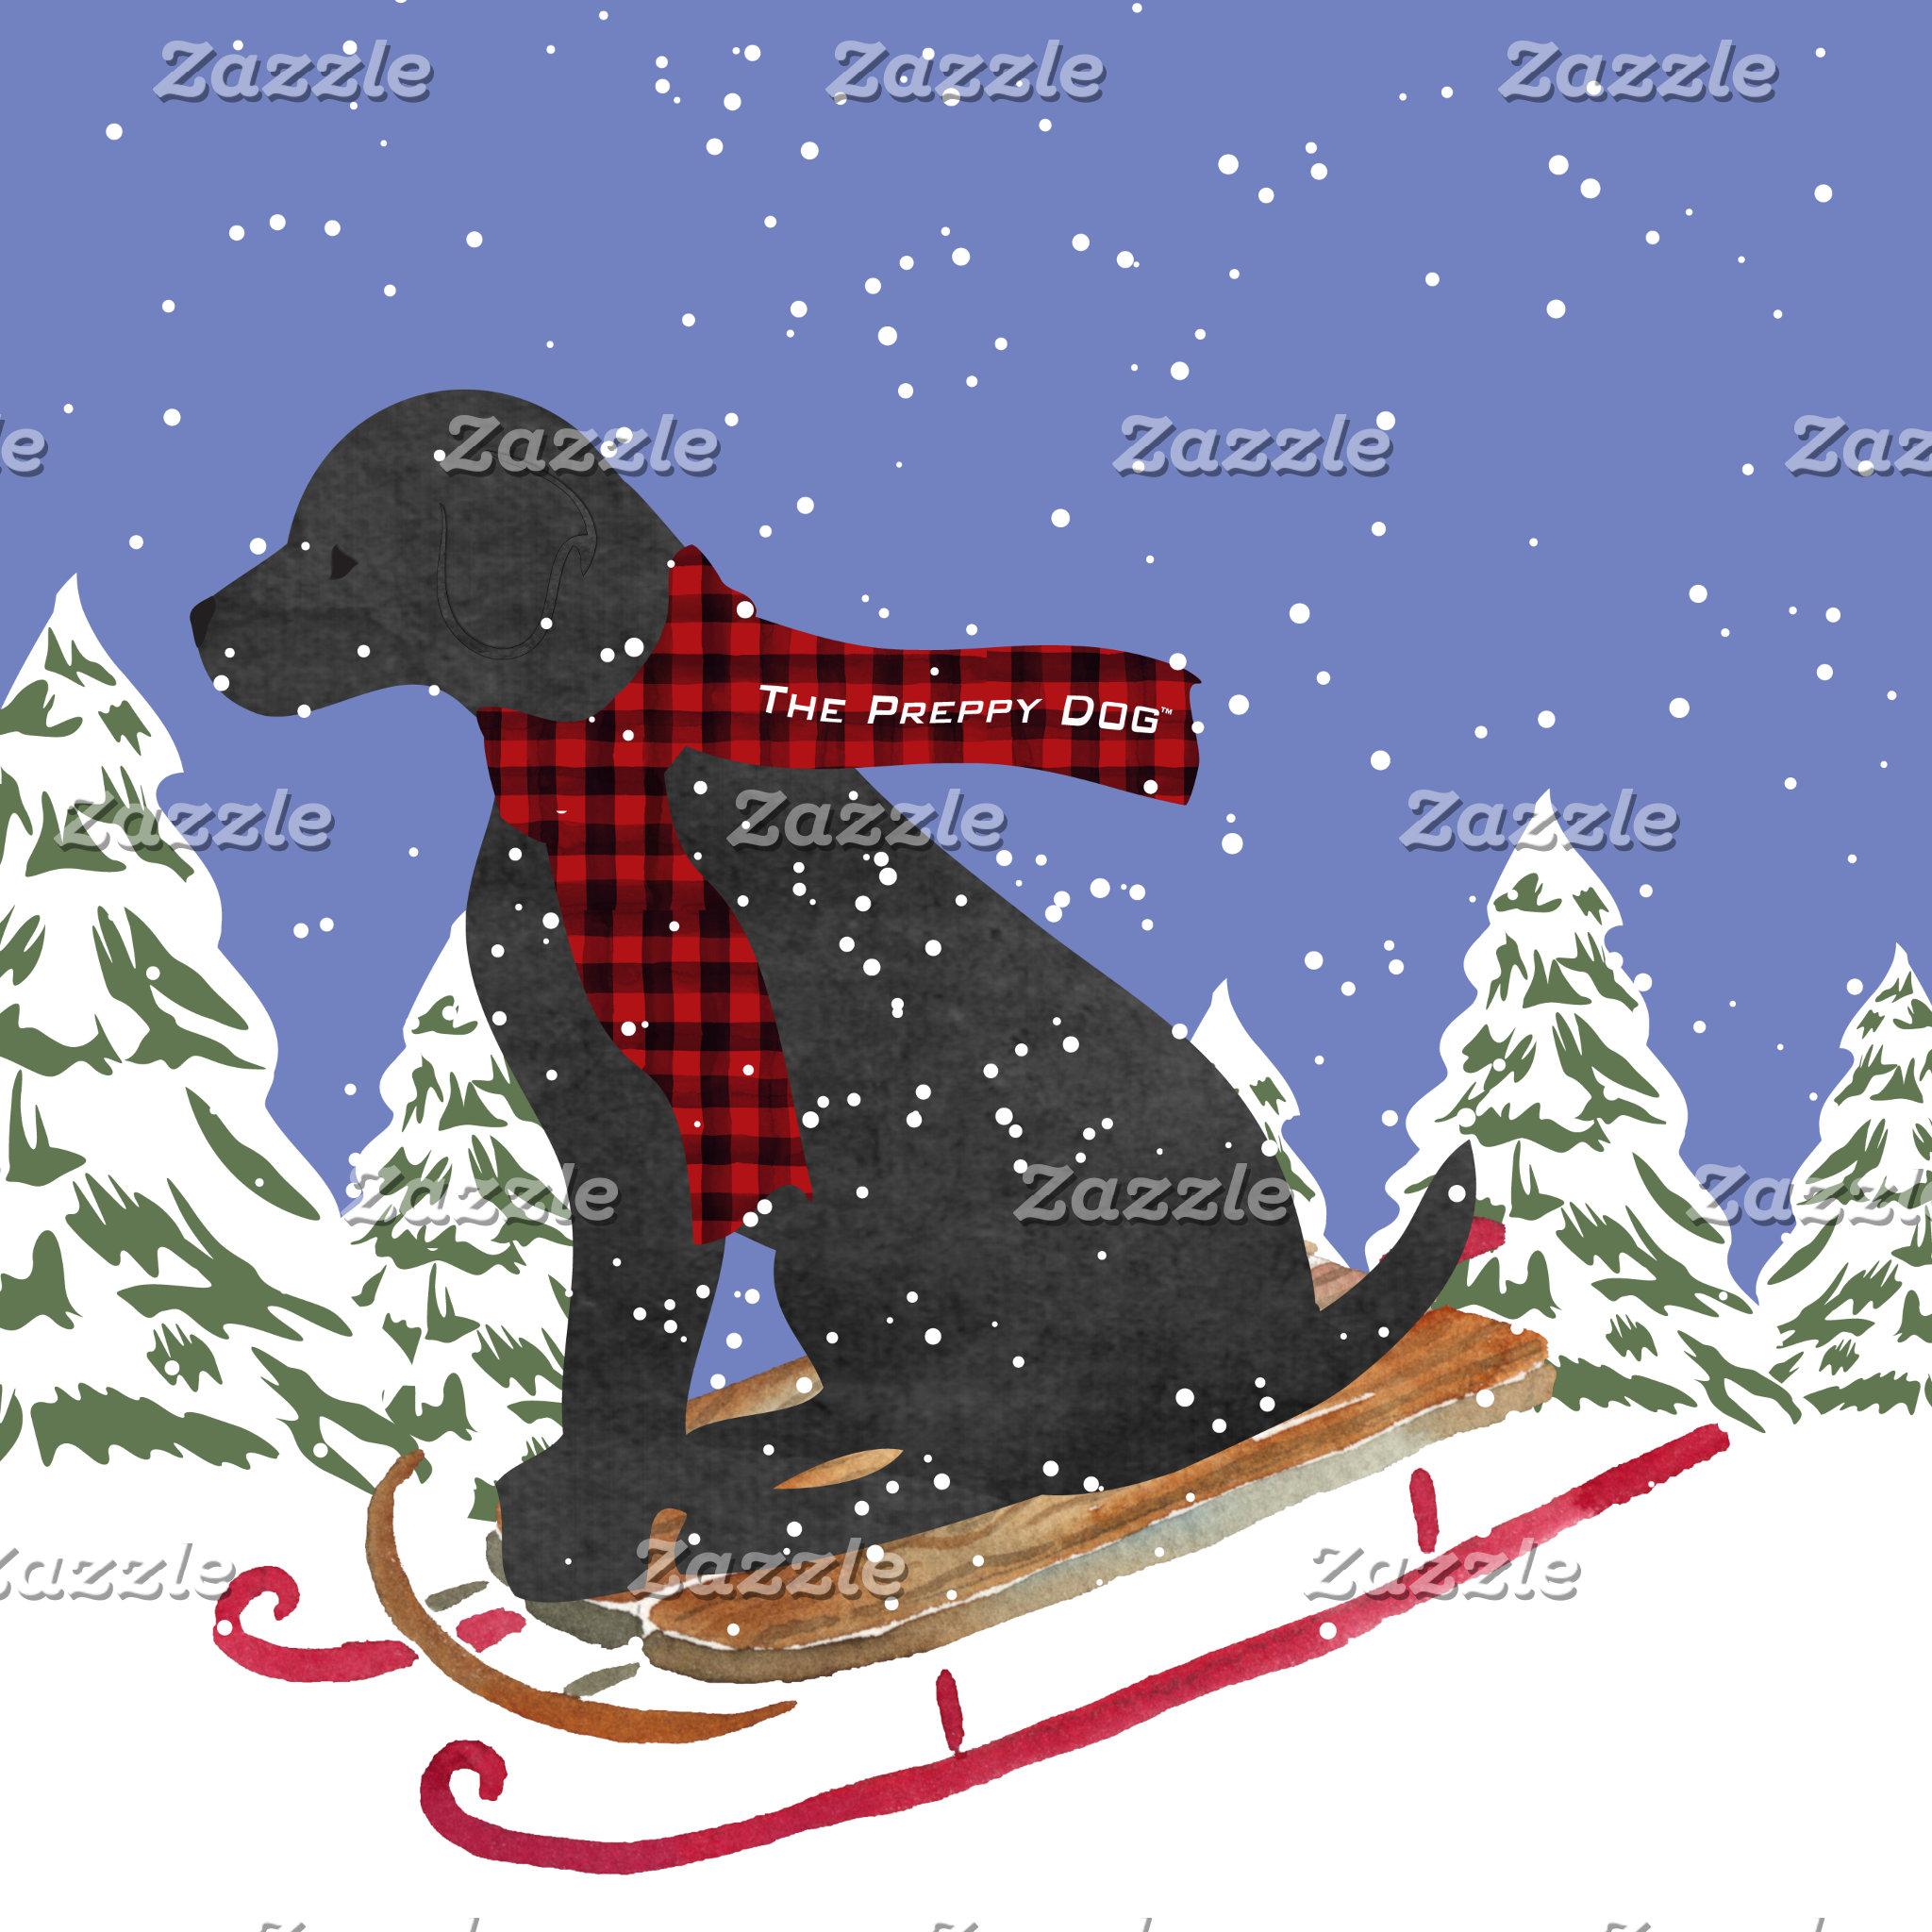 Black Lab Winter Preppy Dog Sledding